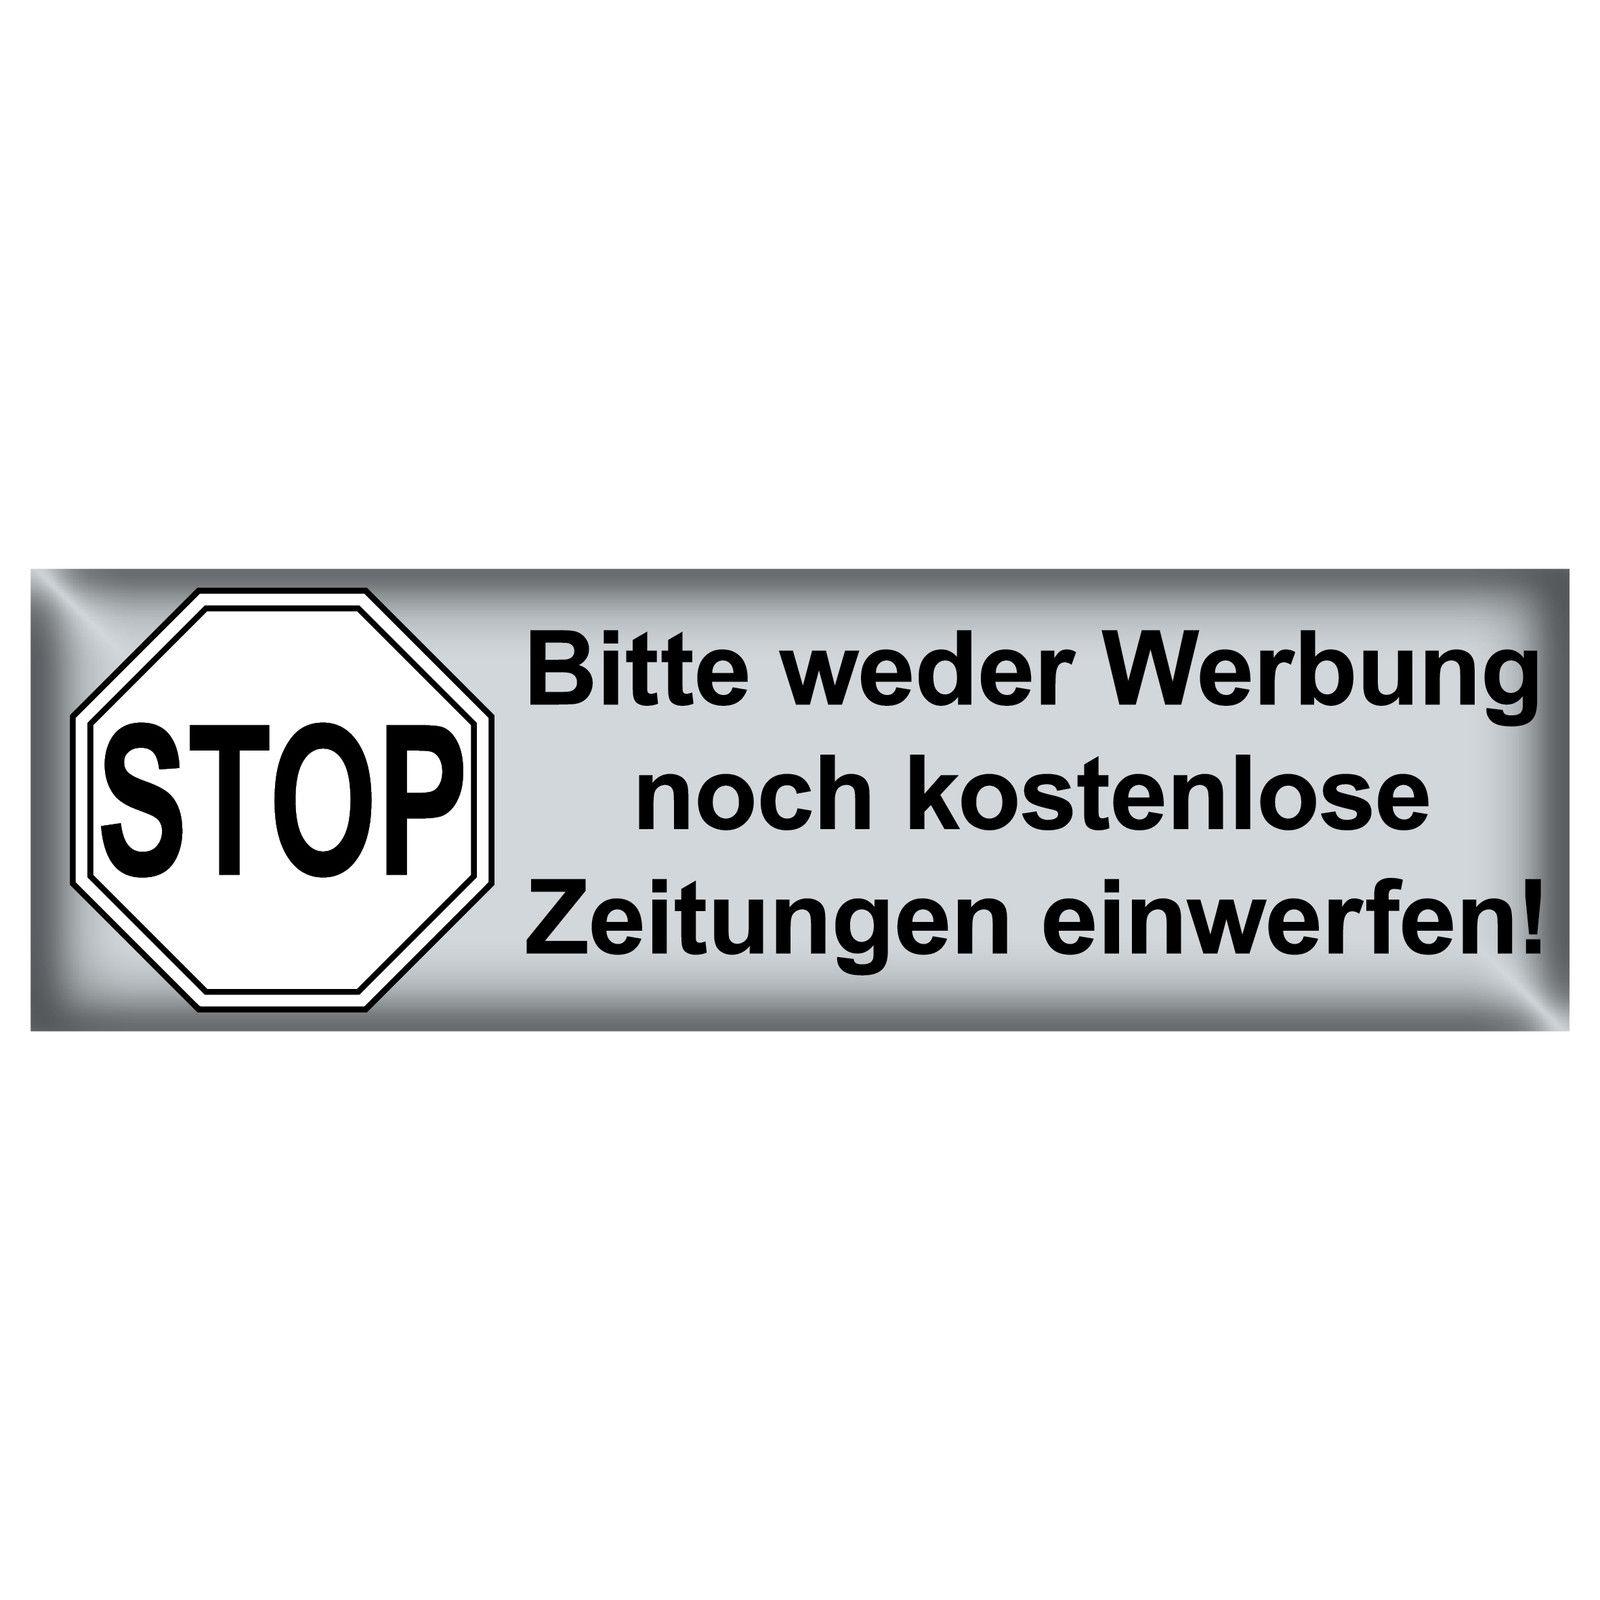 Aufkleber 6 5cm Schw Stop Keine Werbung Reklame Kostenlose Zeitungen Einwerfen